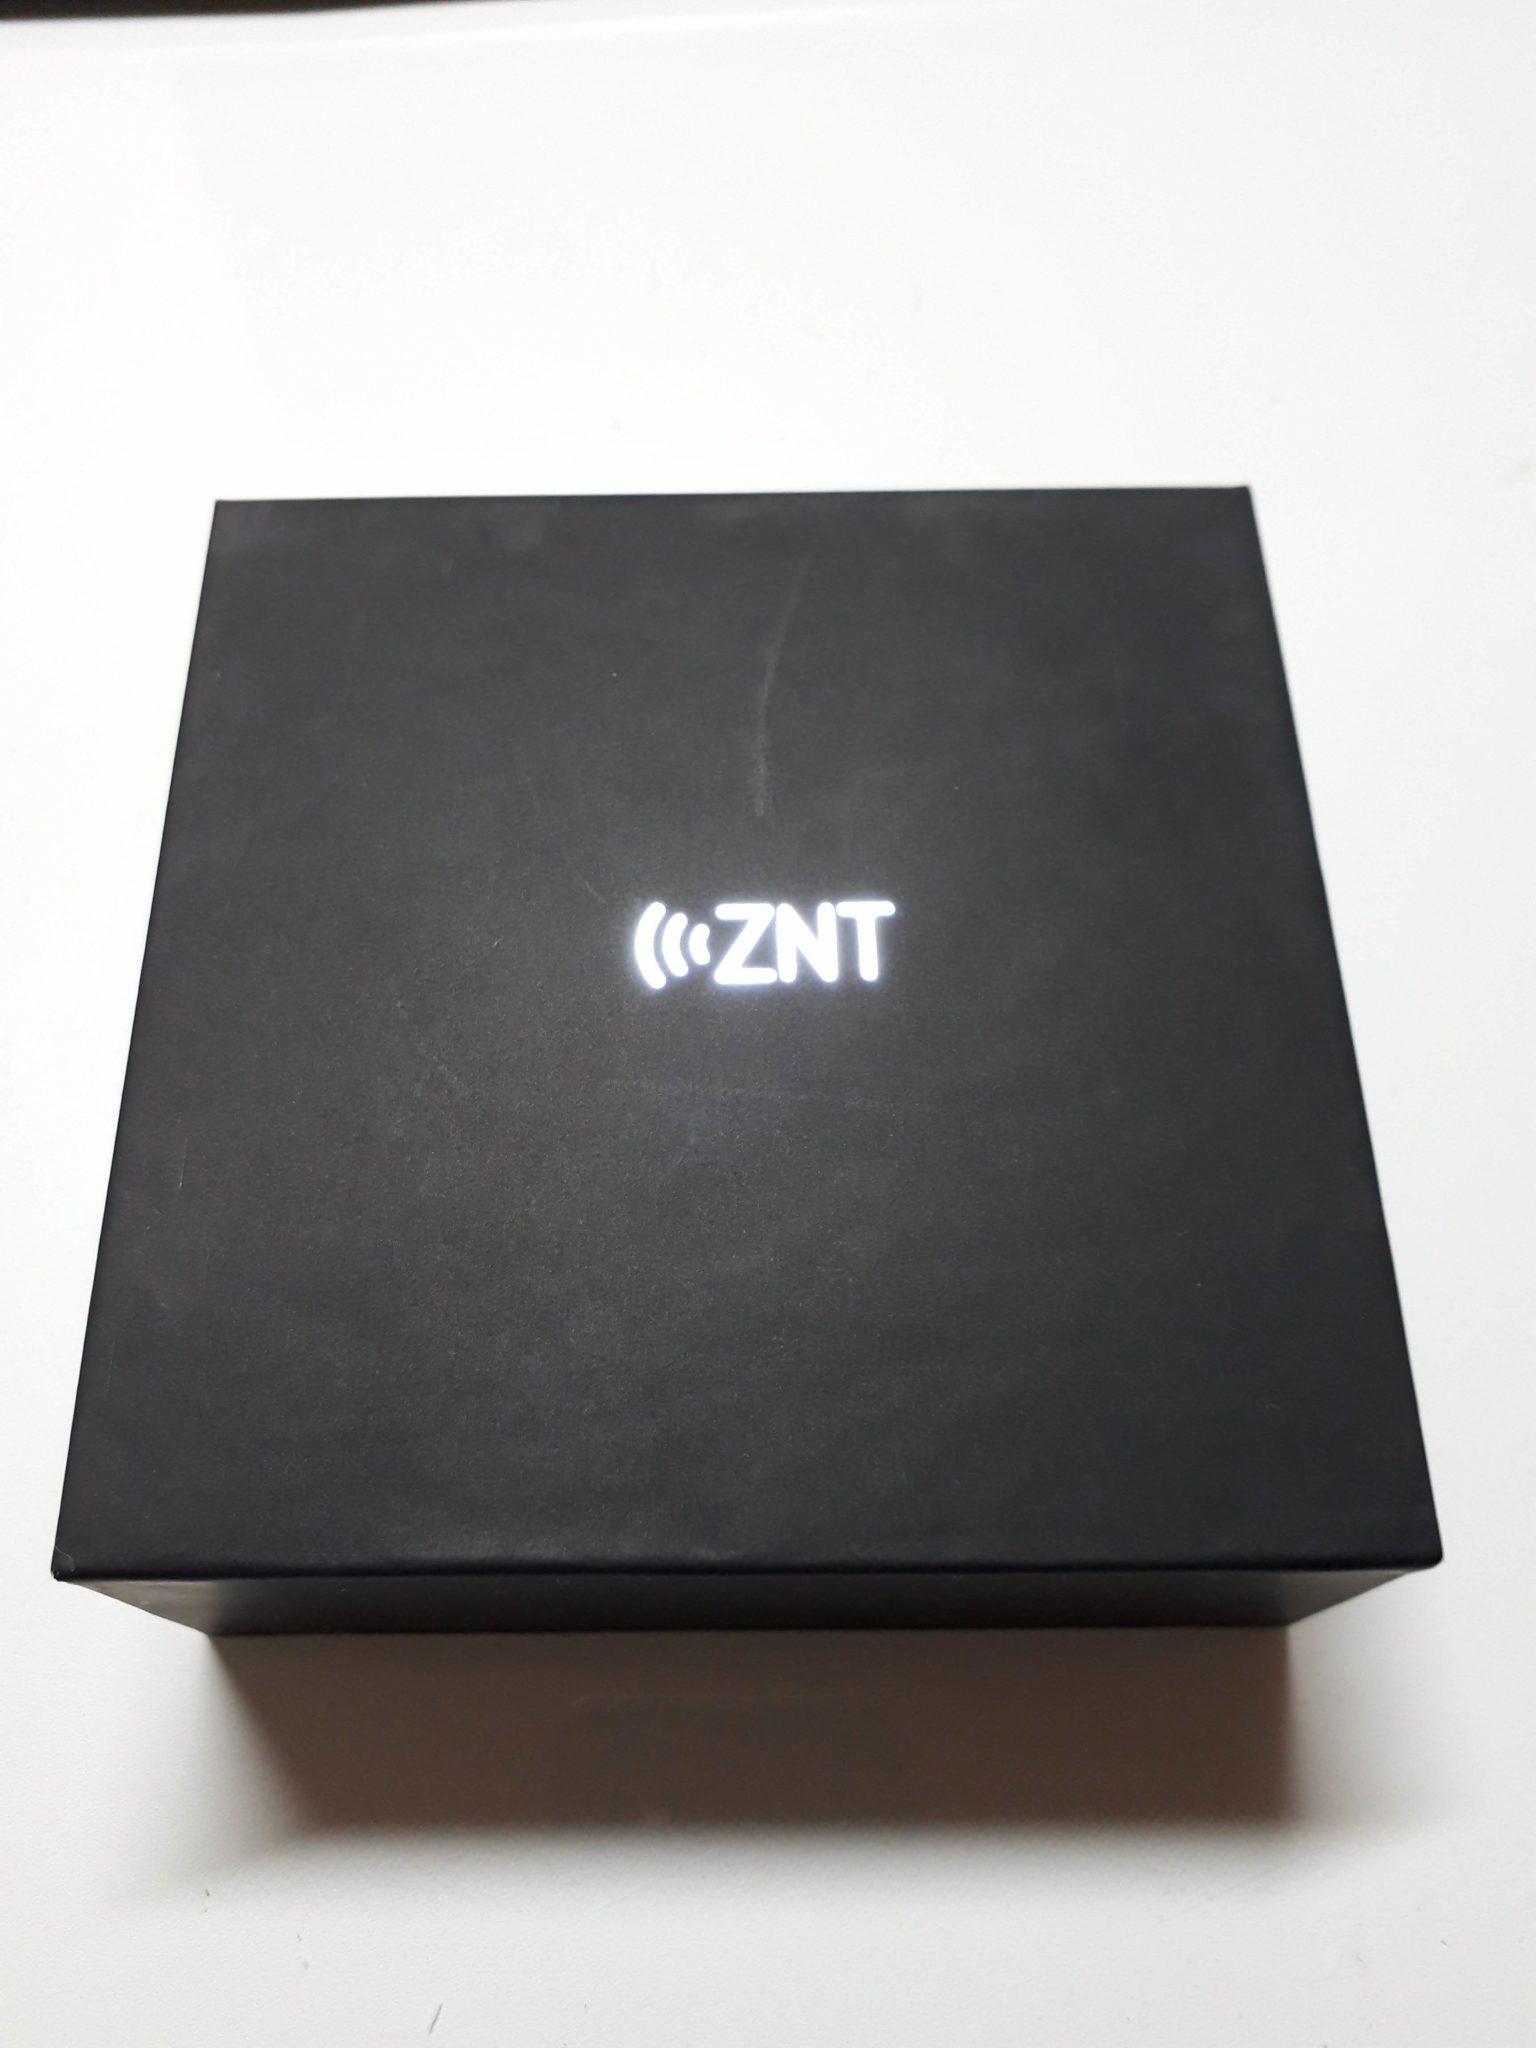 ZNT Airfits 完全ワイヤレスイヤホン